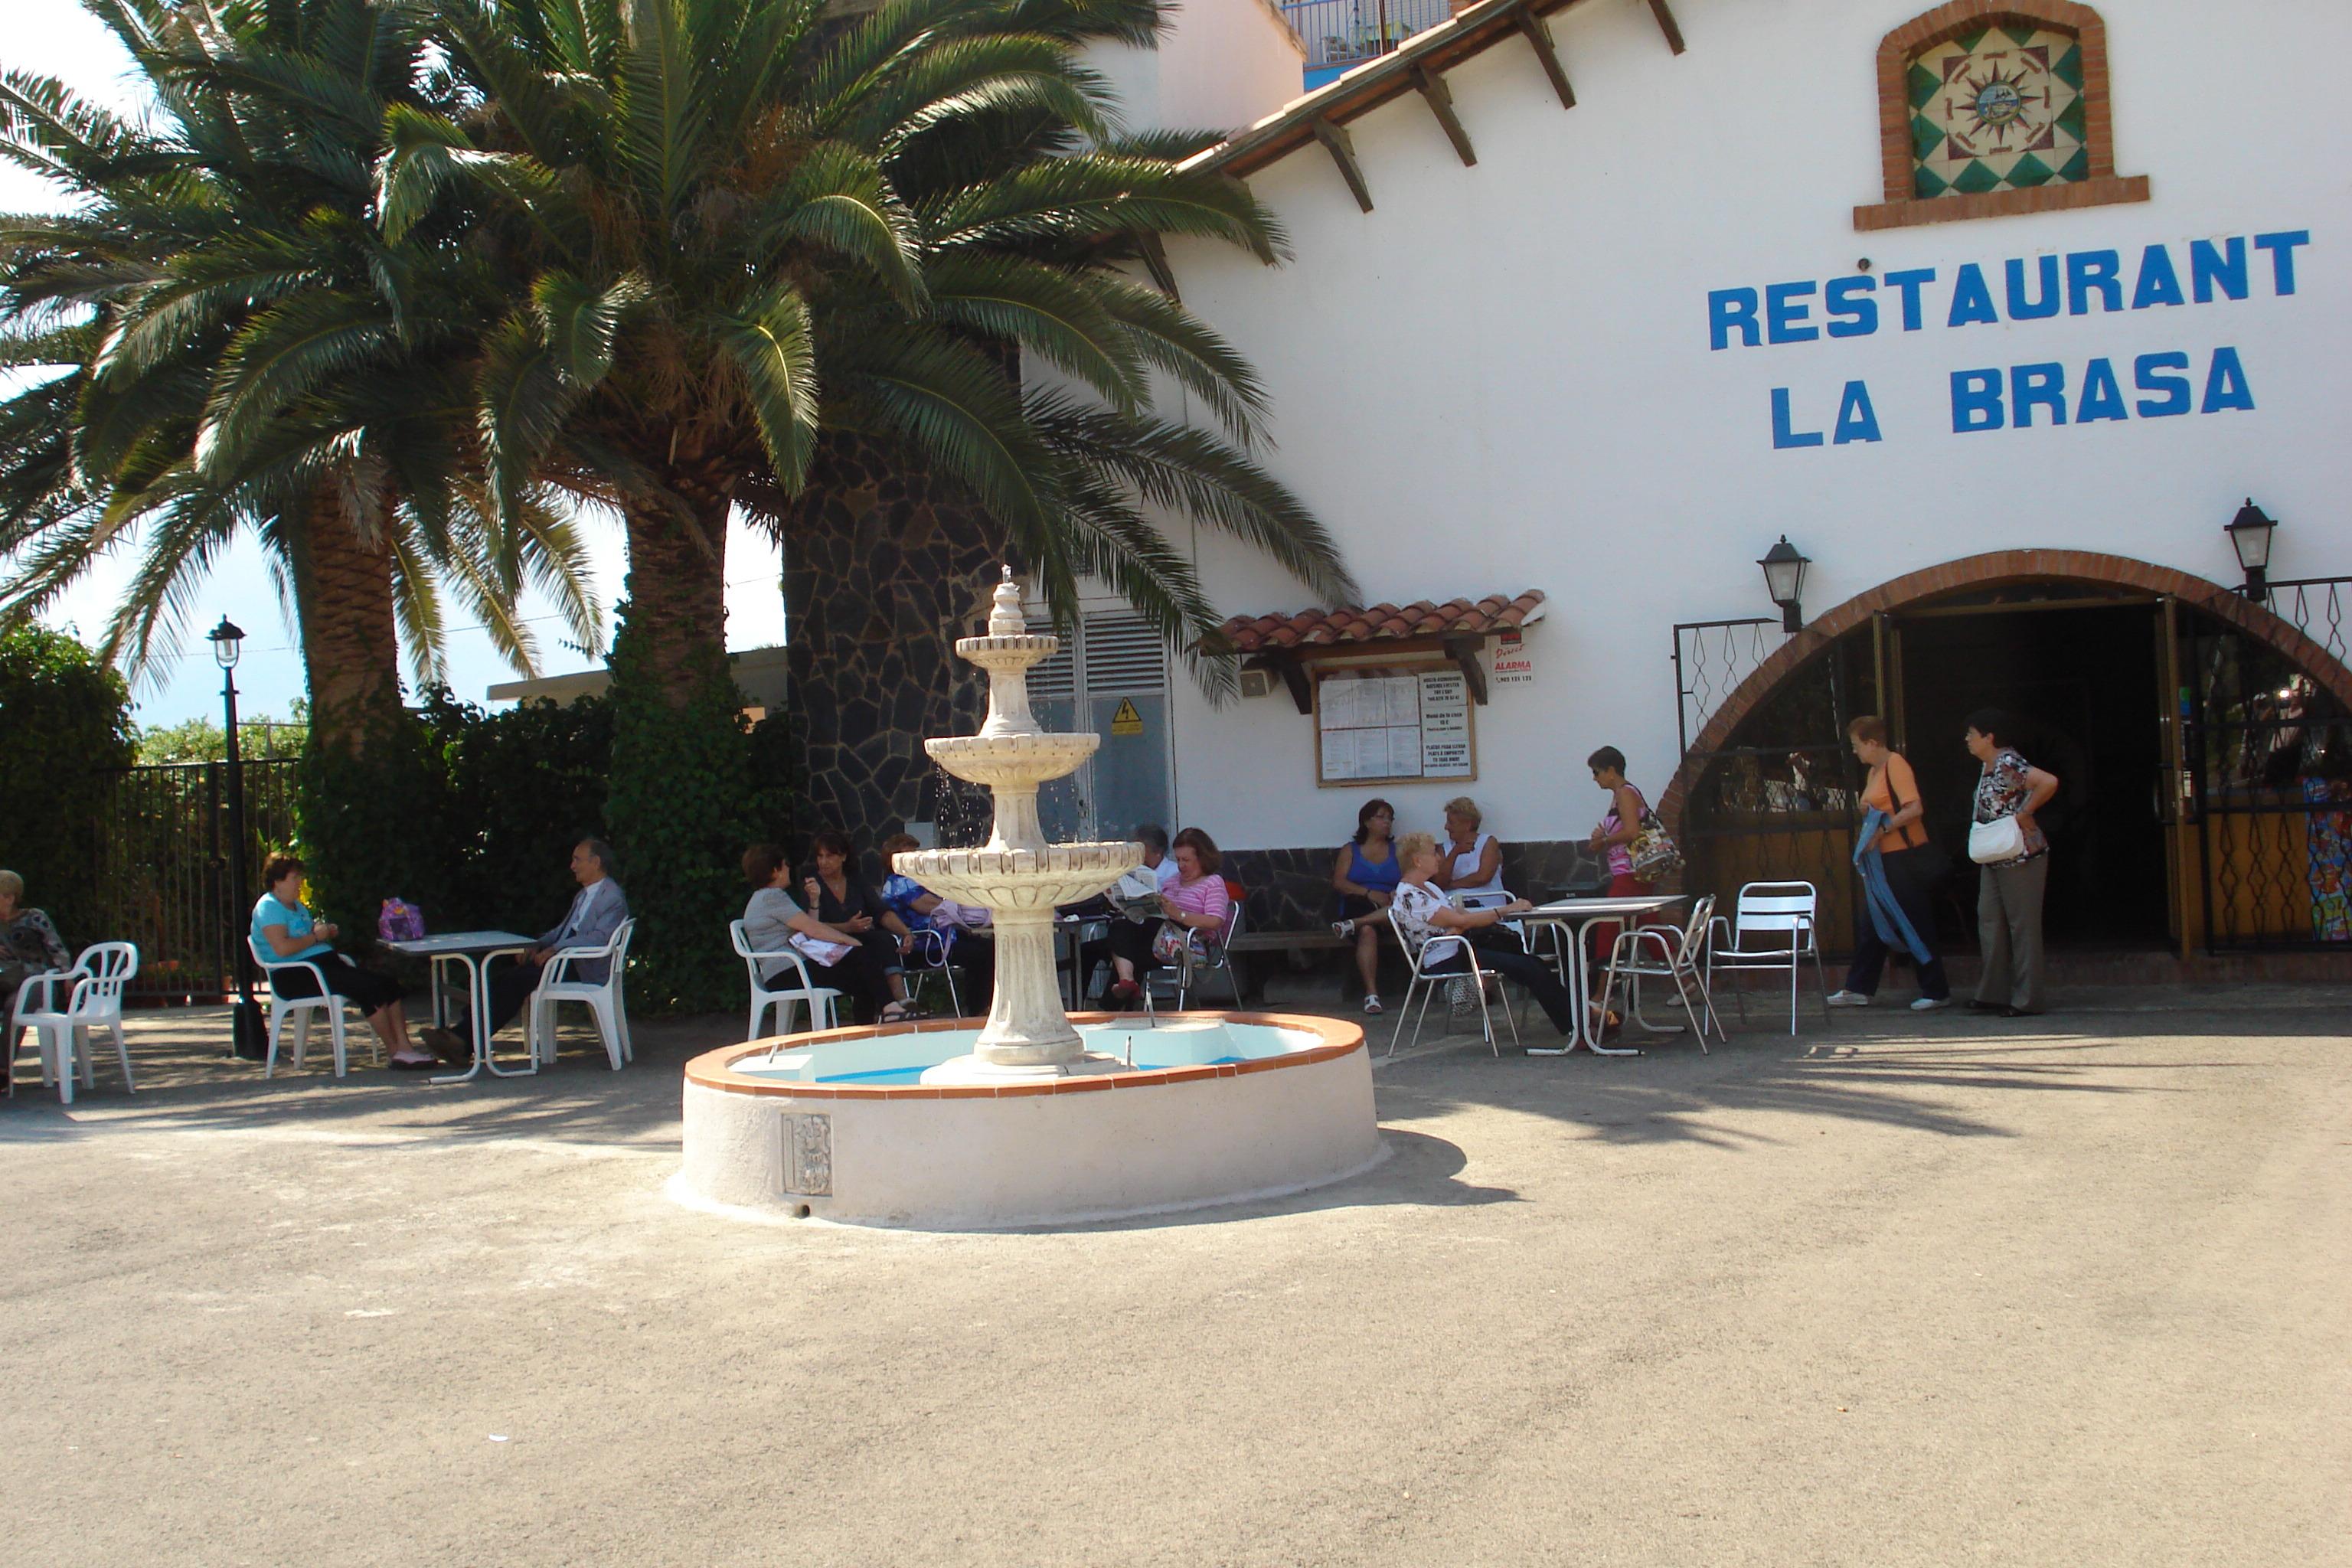 Restaurant La brasa de Roses-exterior7